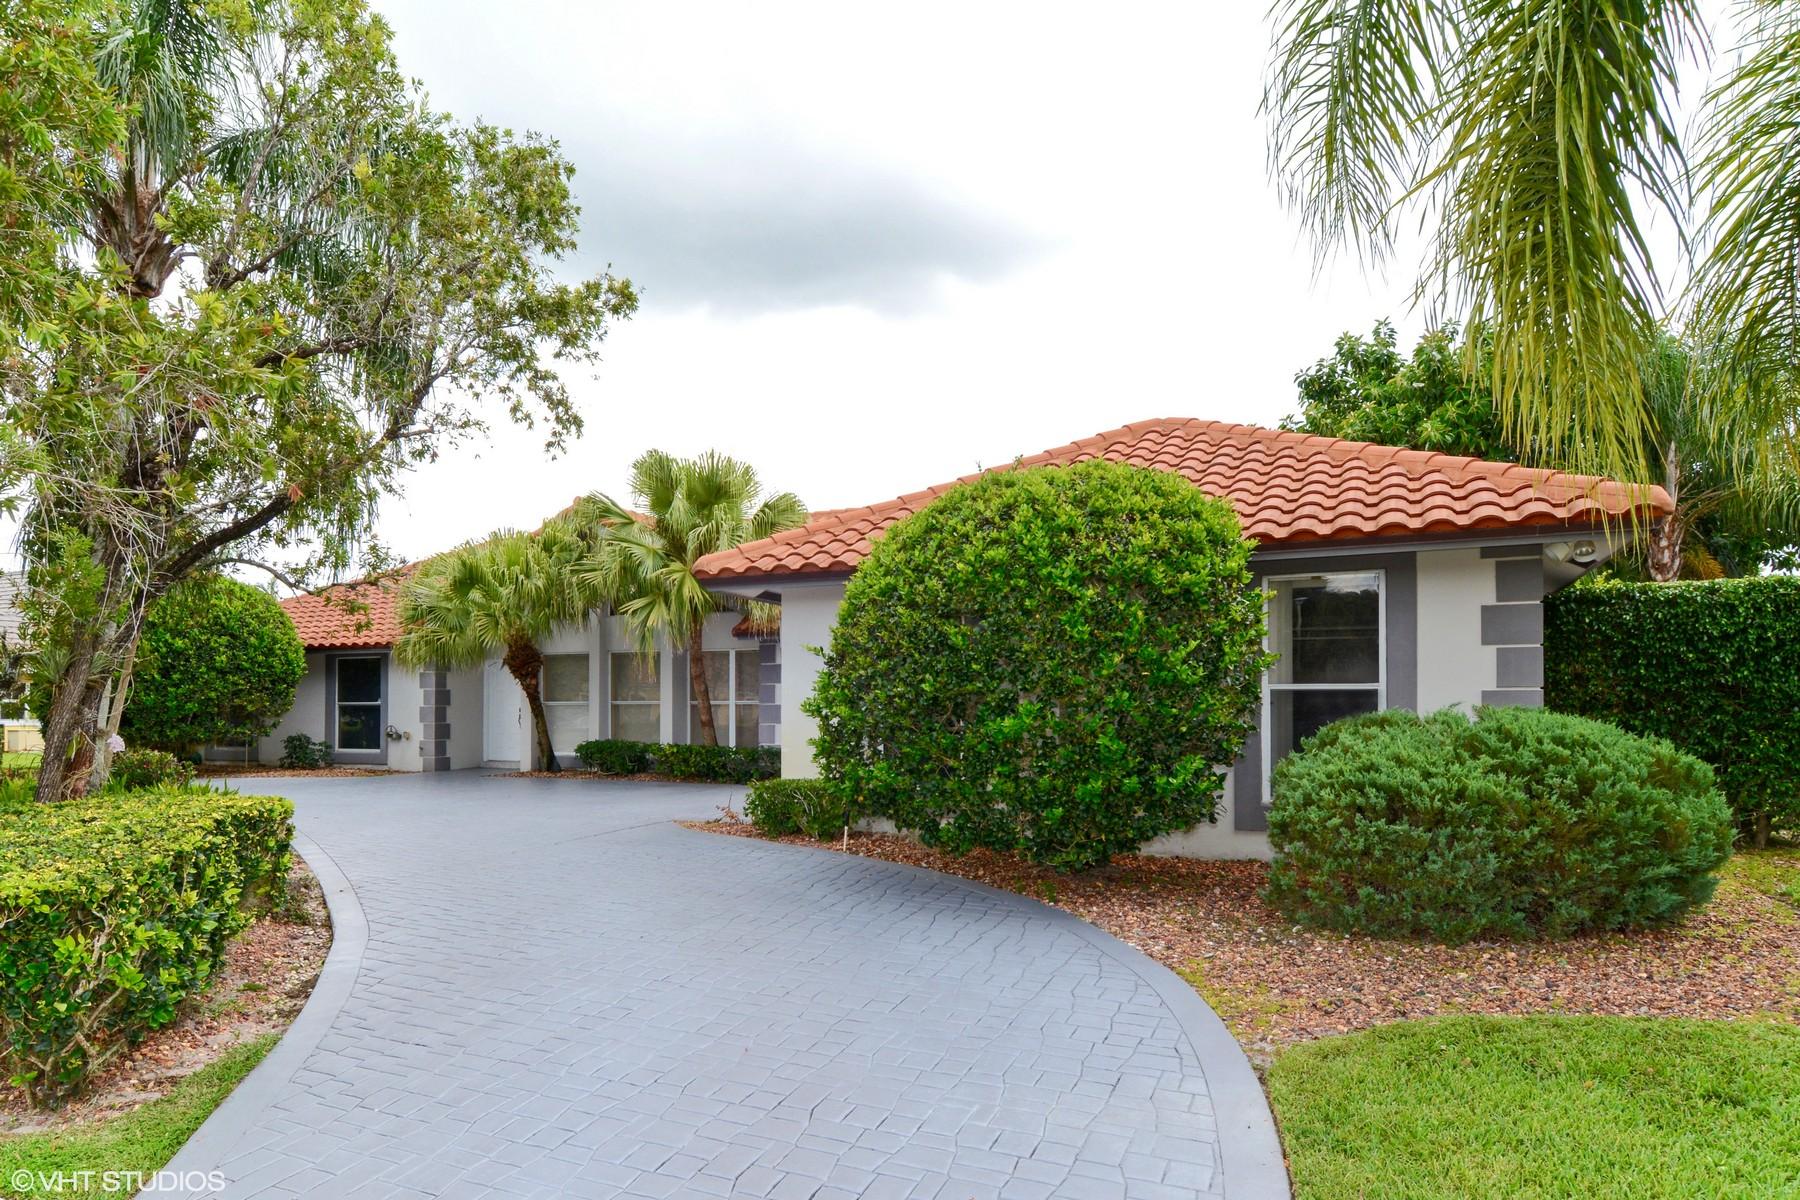 Villa per Vendita alle ore 2085 Greenview Cove 2085 Greenview Cove Drive Wellington, Florida, 33414 Stati Uniti